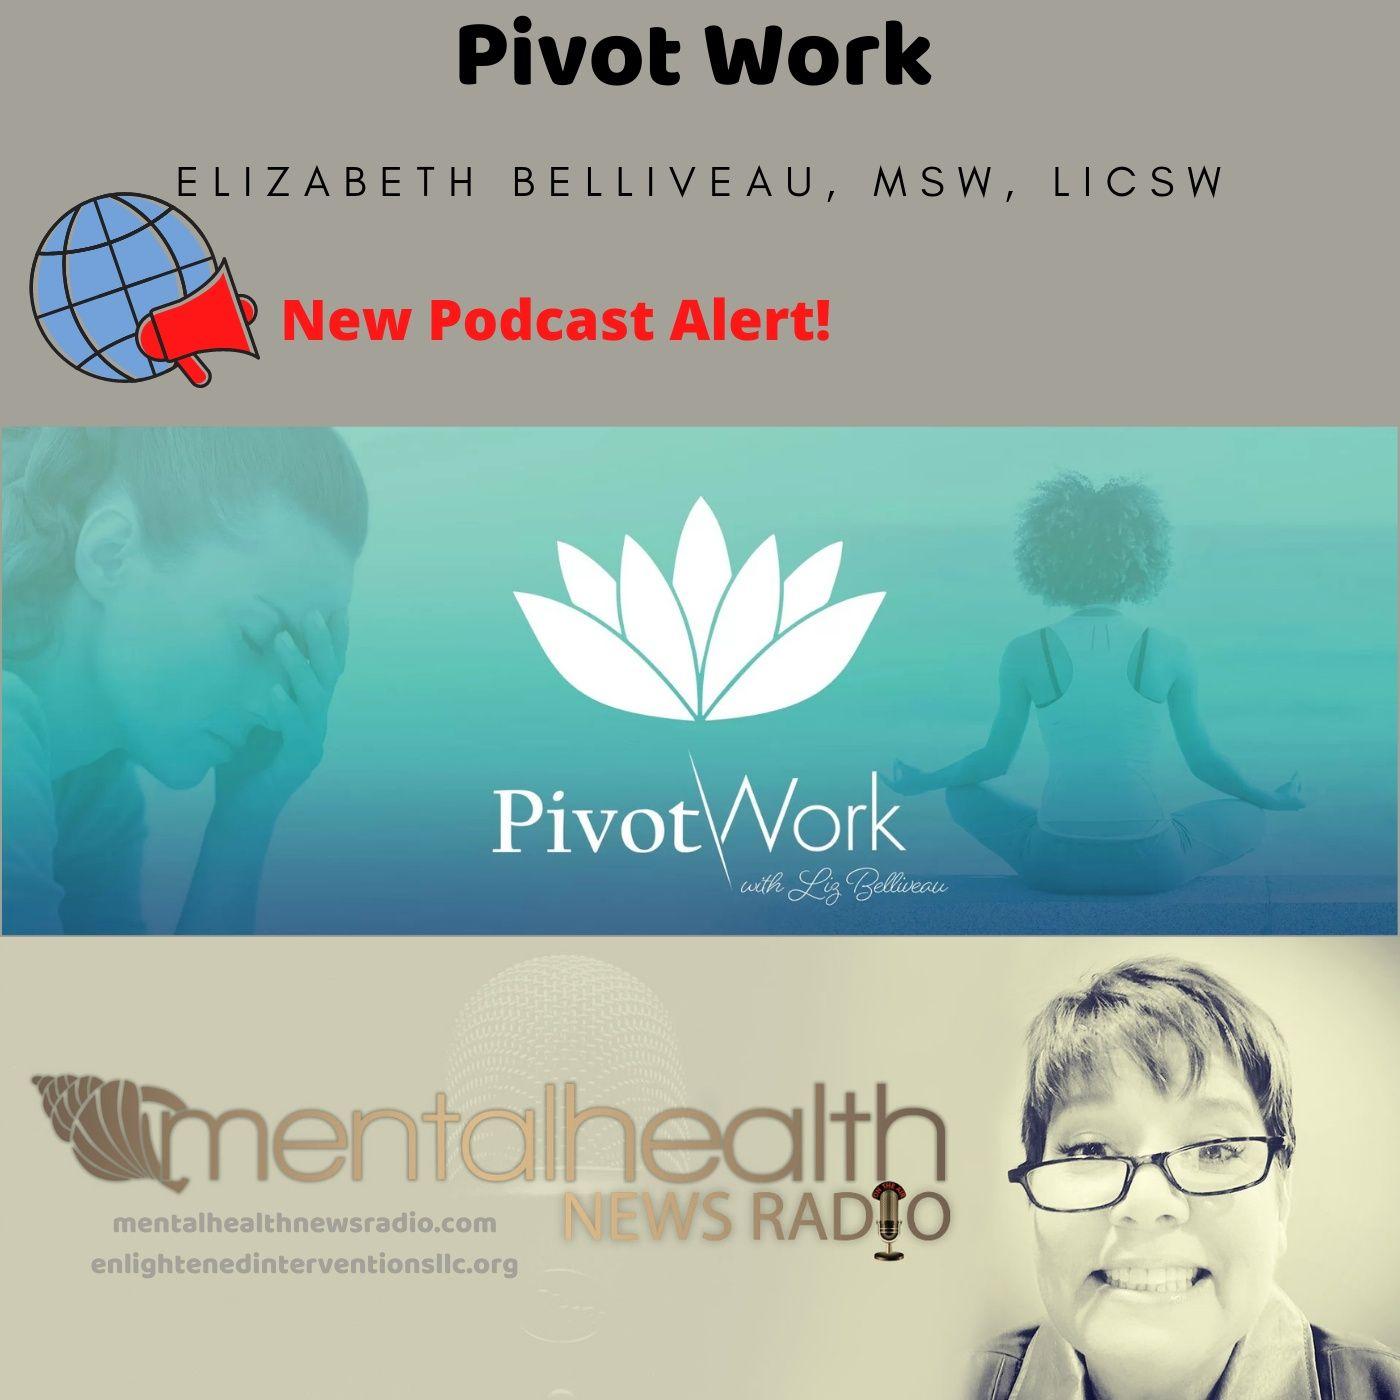 Mental Health News Radio - Pivot Work with Elizabeth Bellivieau